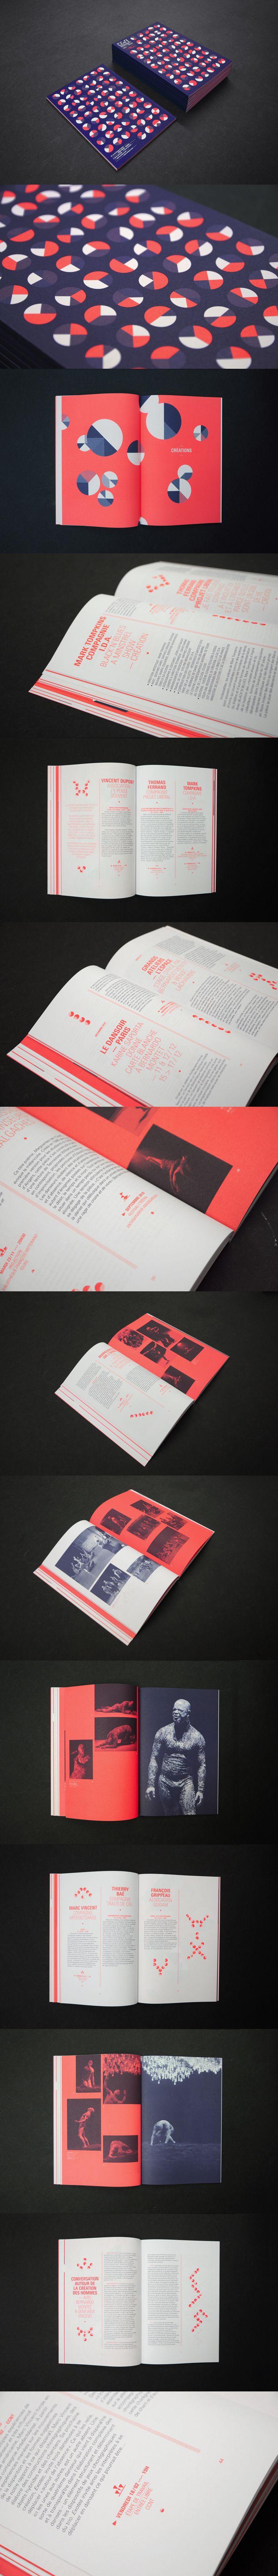 CENTRE CHORÉGRAPHIQUE SAISON 2010 / 2011 — Création d'affiche, kakémono, bâche Programme annuel, 90 pages, 16 x 24 cm http://www.ateliermuesli.com/index.php?/projets/saison-2010--2011/